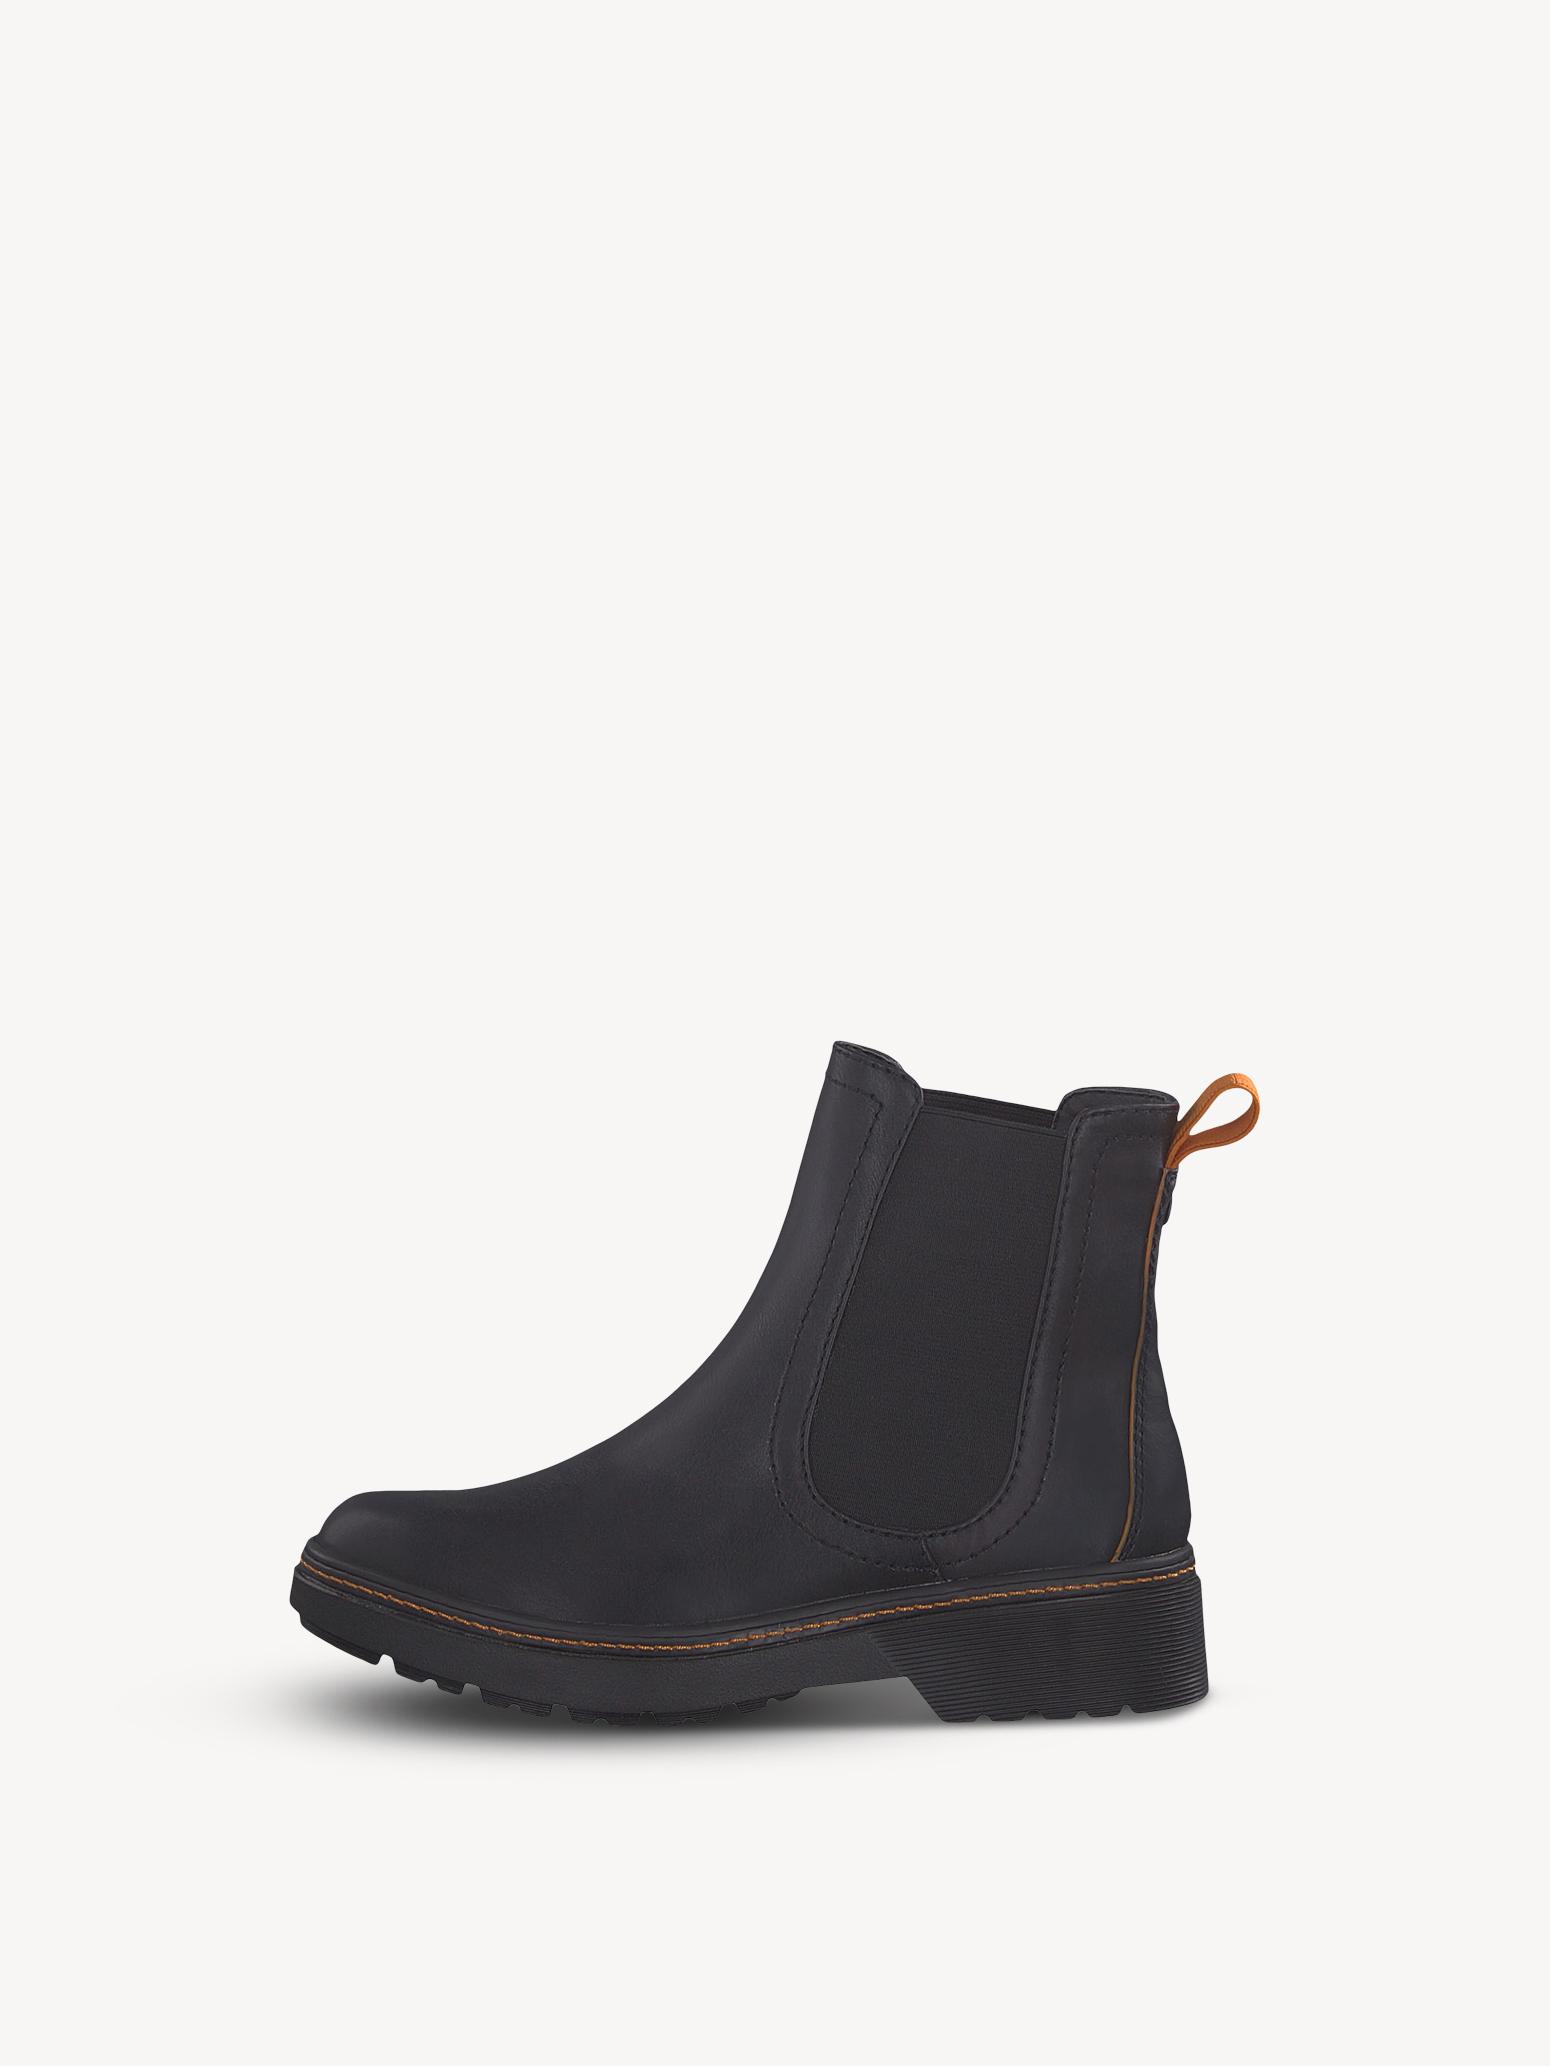 Chelsea boot 1 1 25962 33: Buy Tamaris Chelsea boots online!